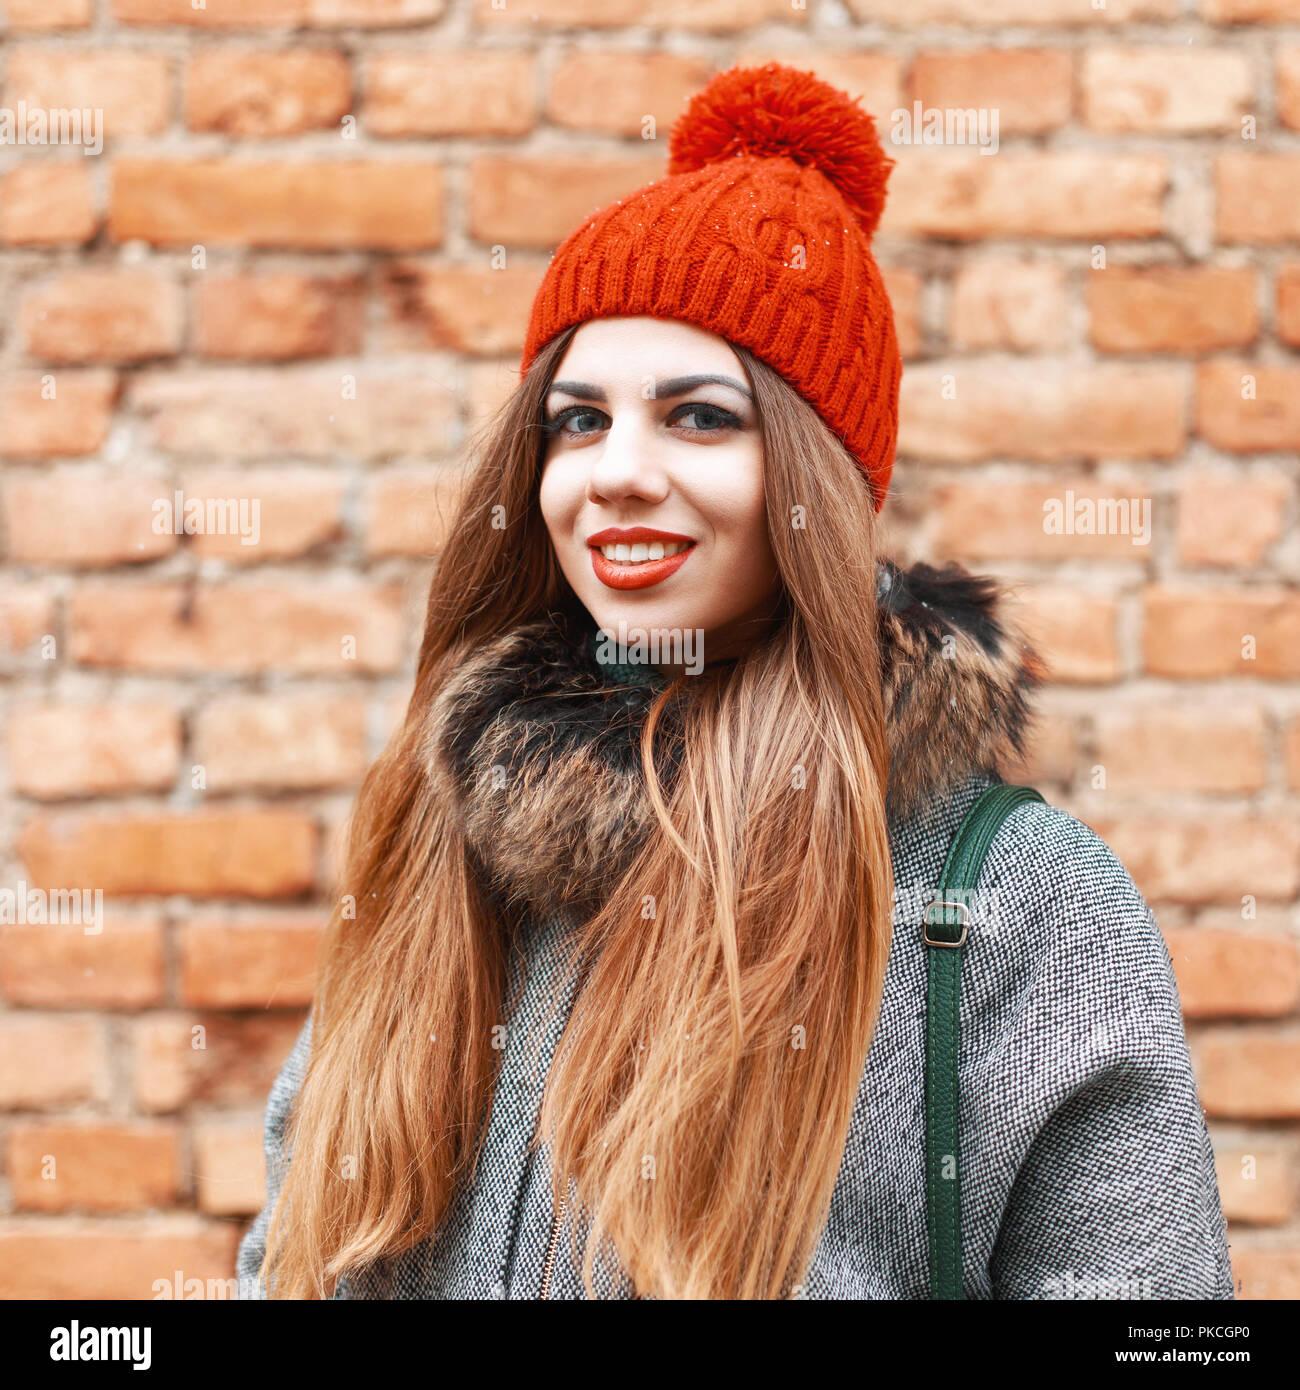 4badbdafc59e Bella ragazza sorridente vicino a Brick Parete rossa in giornata invernale